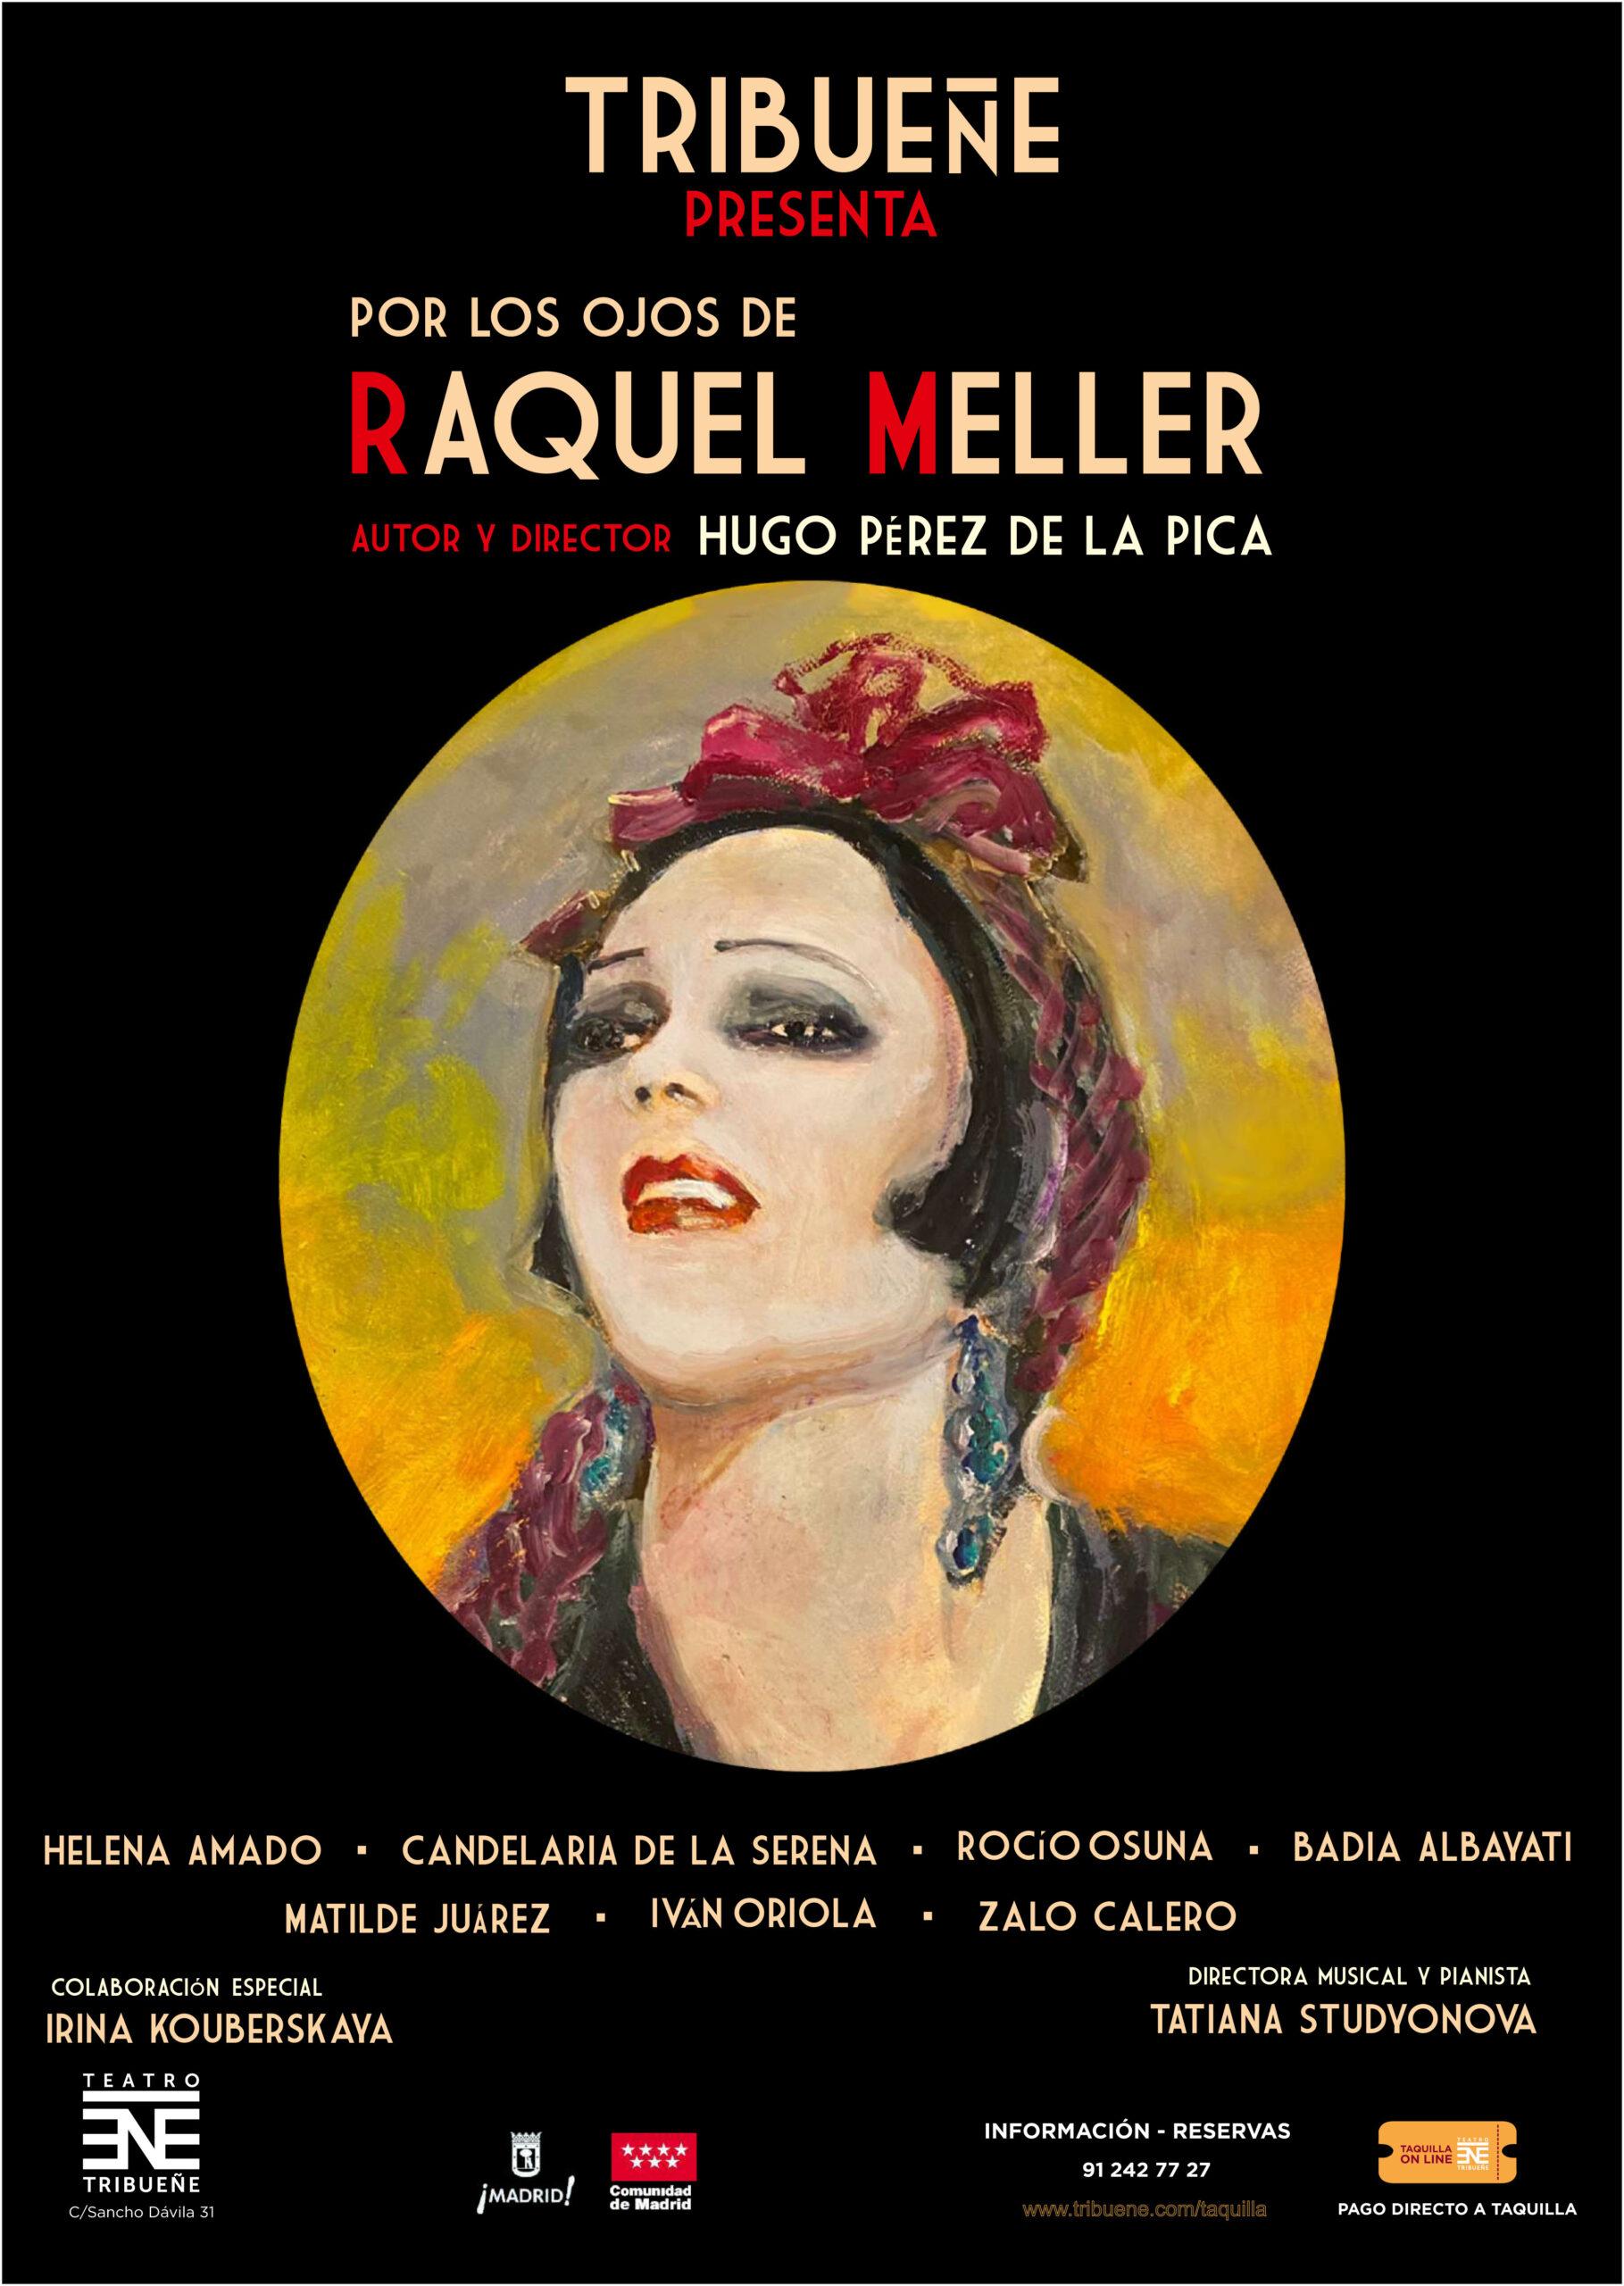 Cartel de la obra POR LOS OJOS DE RAQUEL MELLER